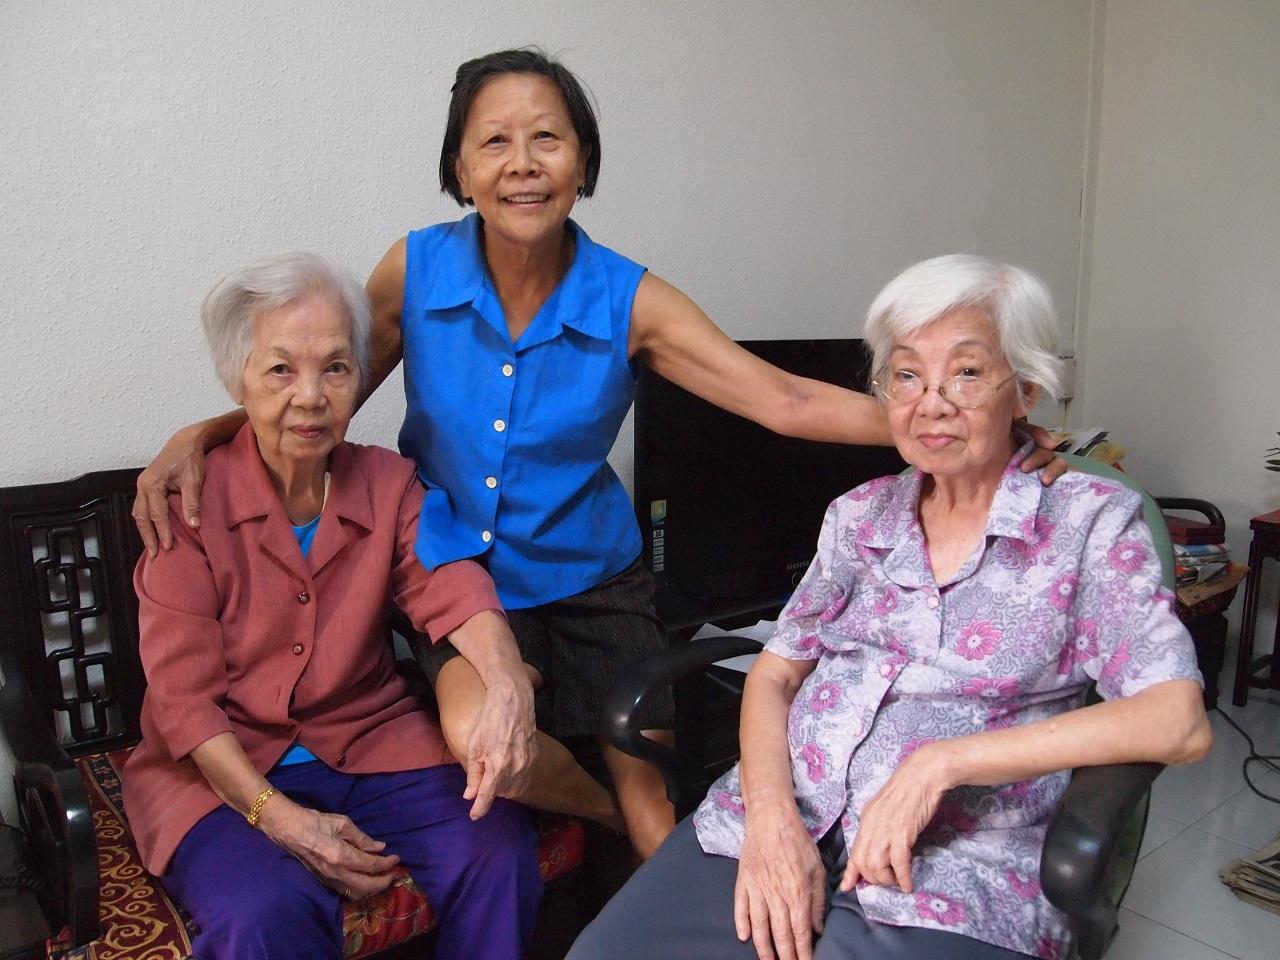 Befriendee-turned-befriender helps fellow residents